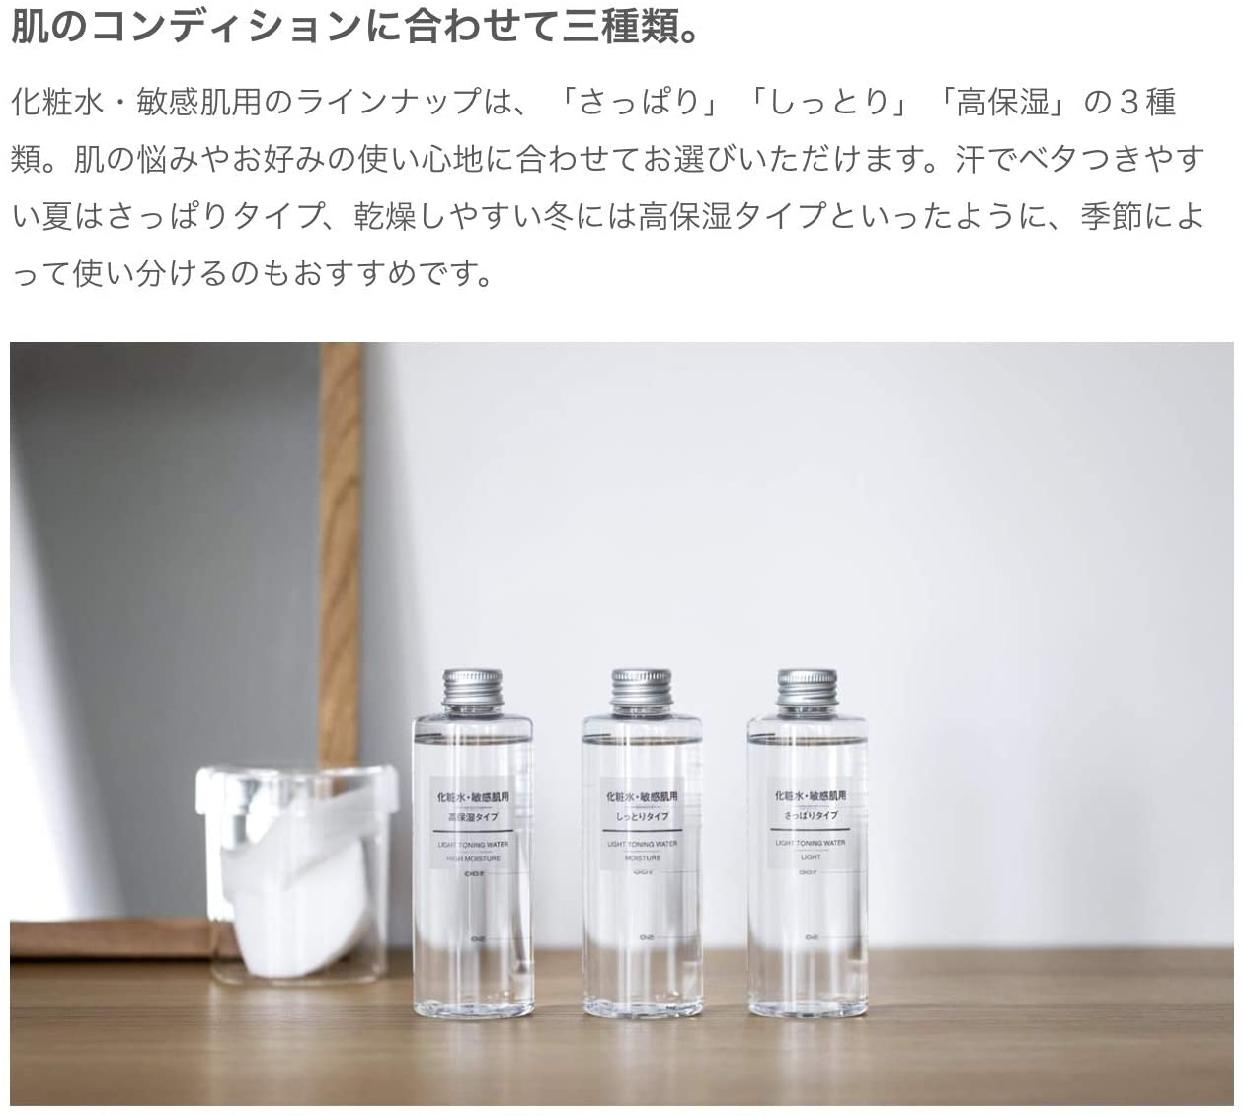 無印良品(むじるしりょうひん)化粧水 敏感肌用 高保湿タイプの商品画像14